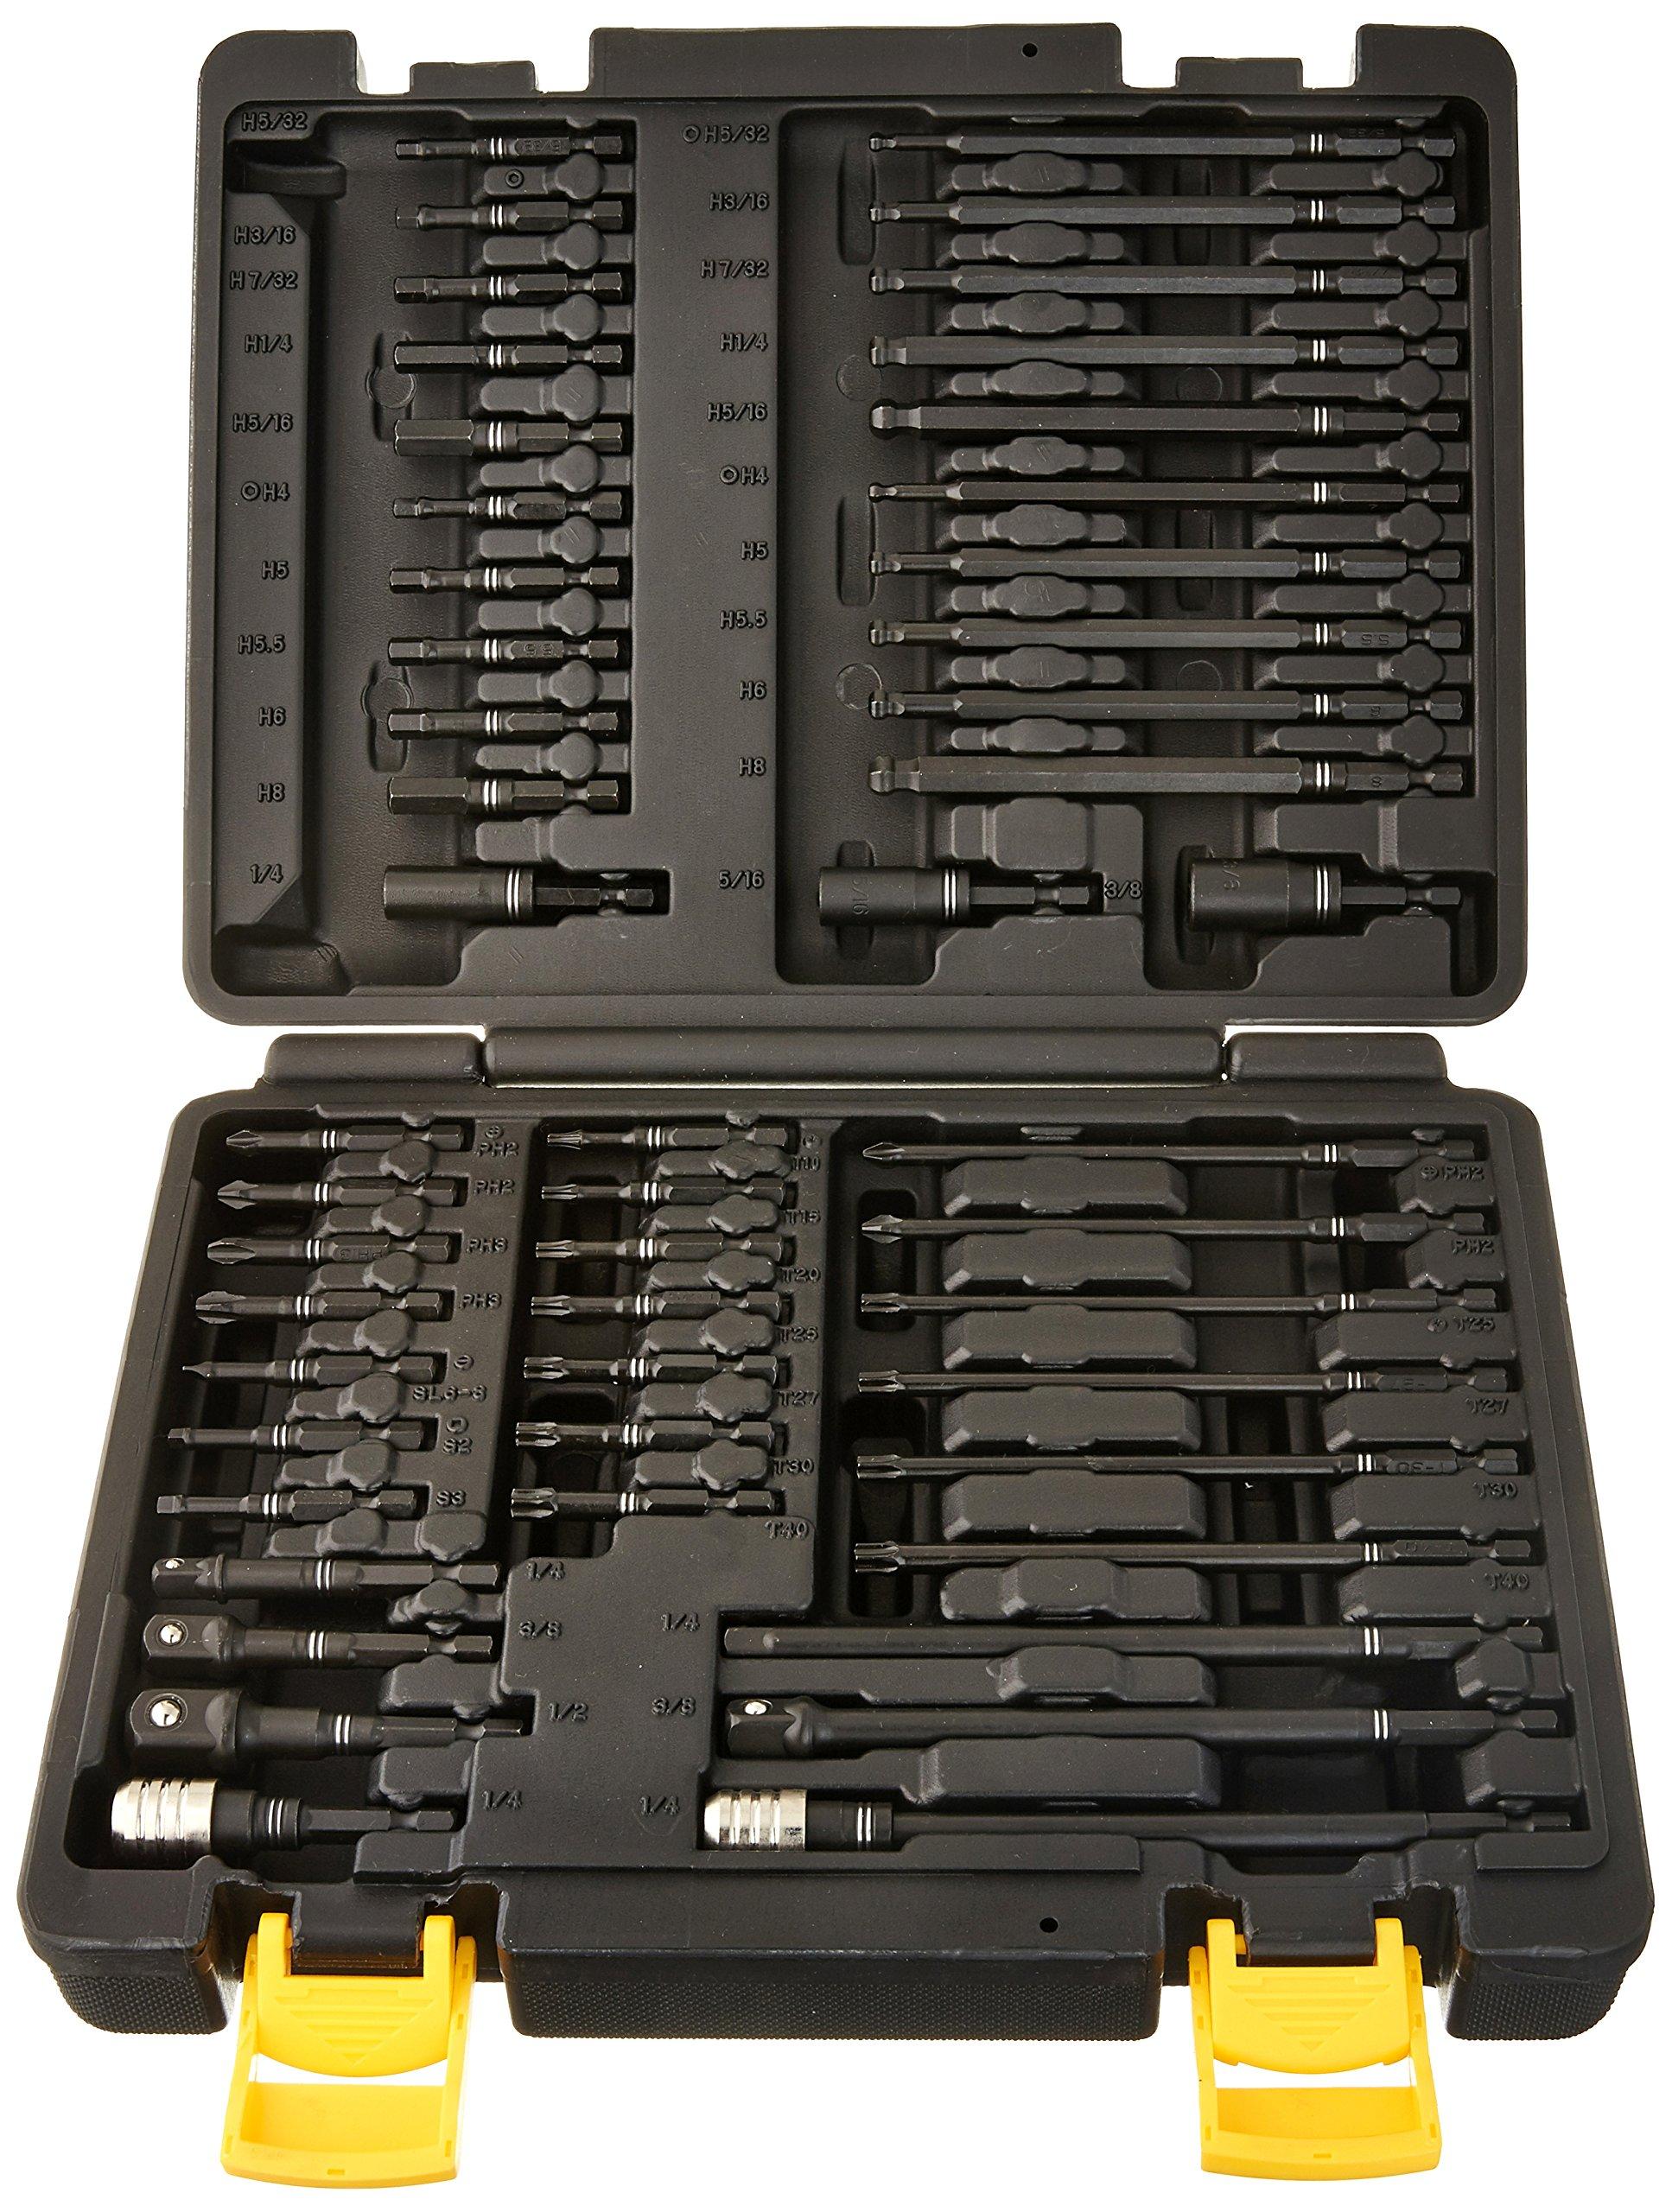 Titan Tools 16251 Torsion Impact Bit Set (50 Piece) by Titan Tools